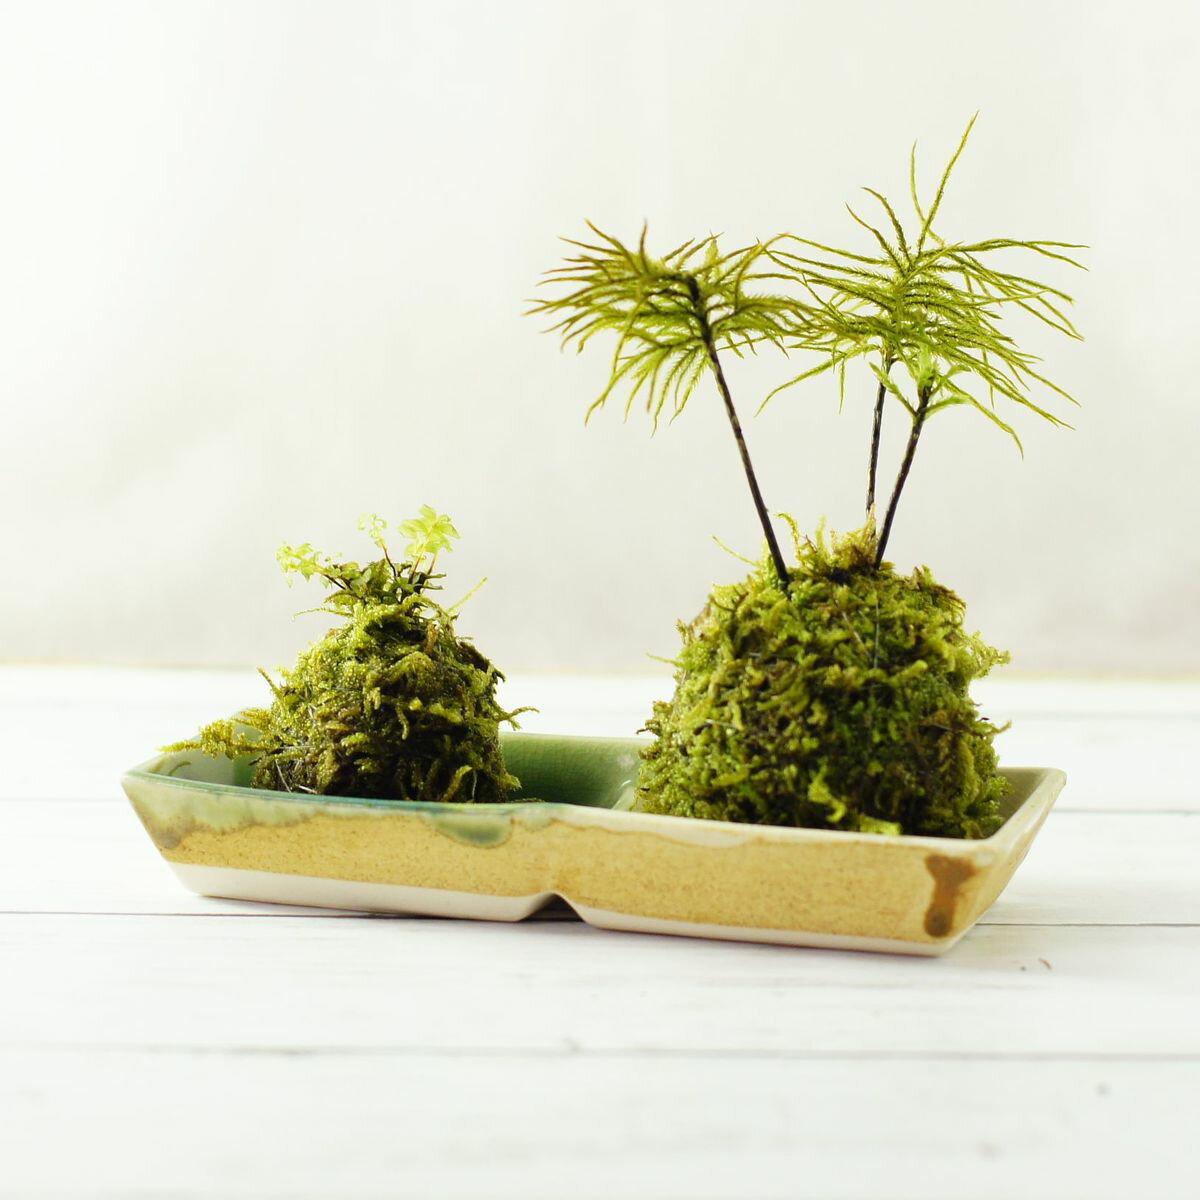 ミニ苔玉が4個作れる! 苔の苔玉製作キット 霧吹き・糸セット 4種の苔セット